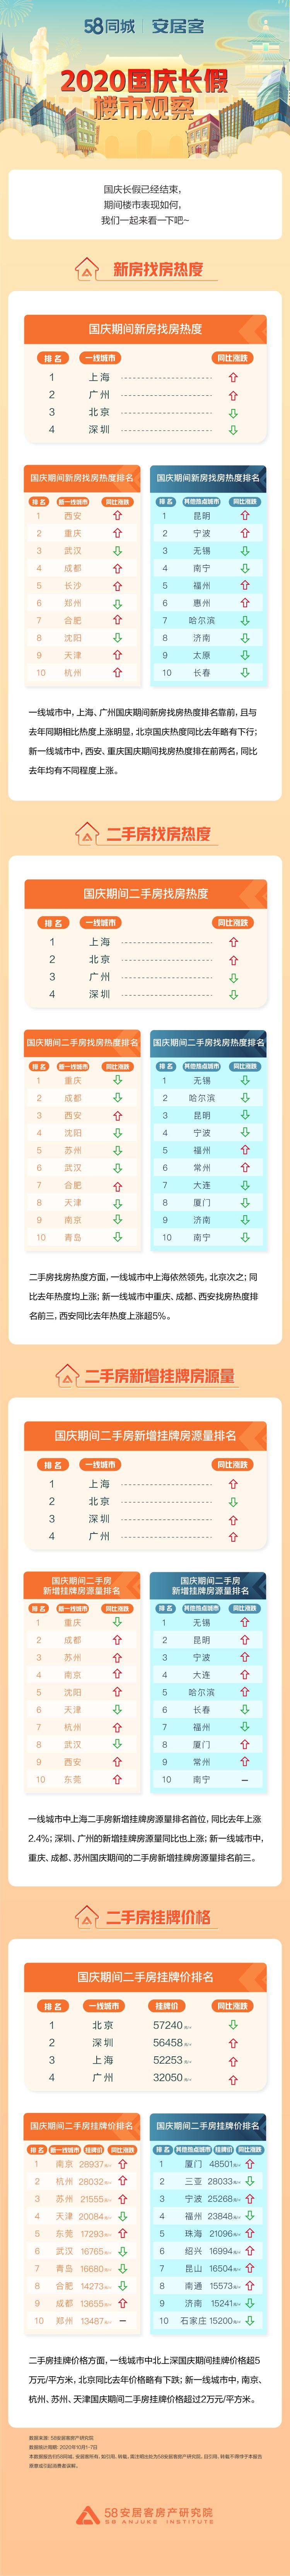 58同城《国庆长假楼市观察》:西安二手房找房热度同比上涨超5%